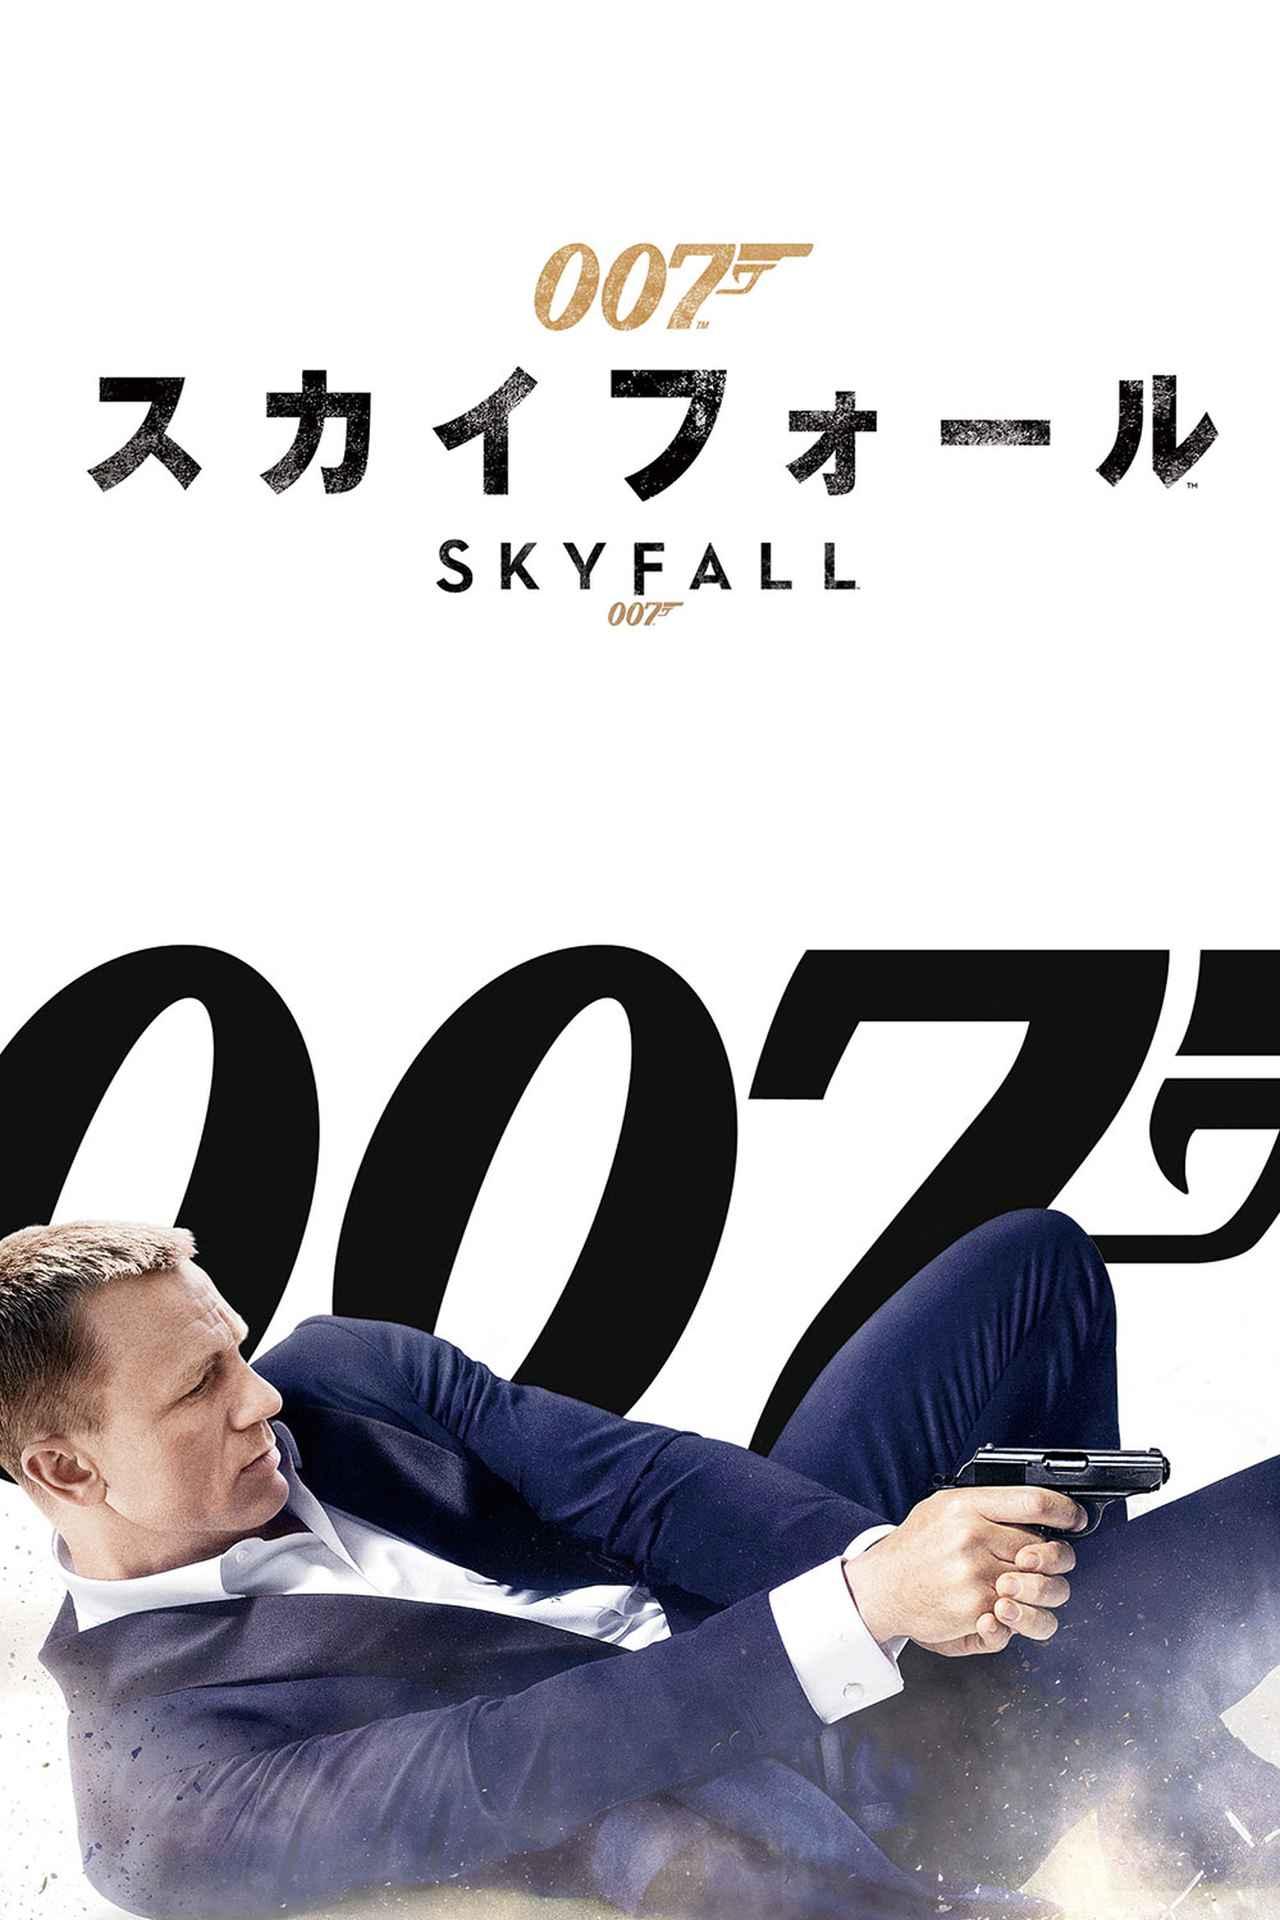 画像23: 世界のポスターで見る「007」シリーズ 全24作品まとめ